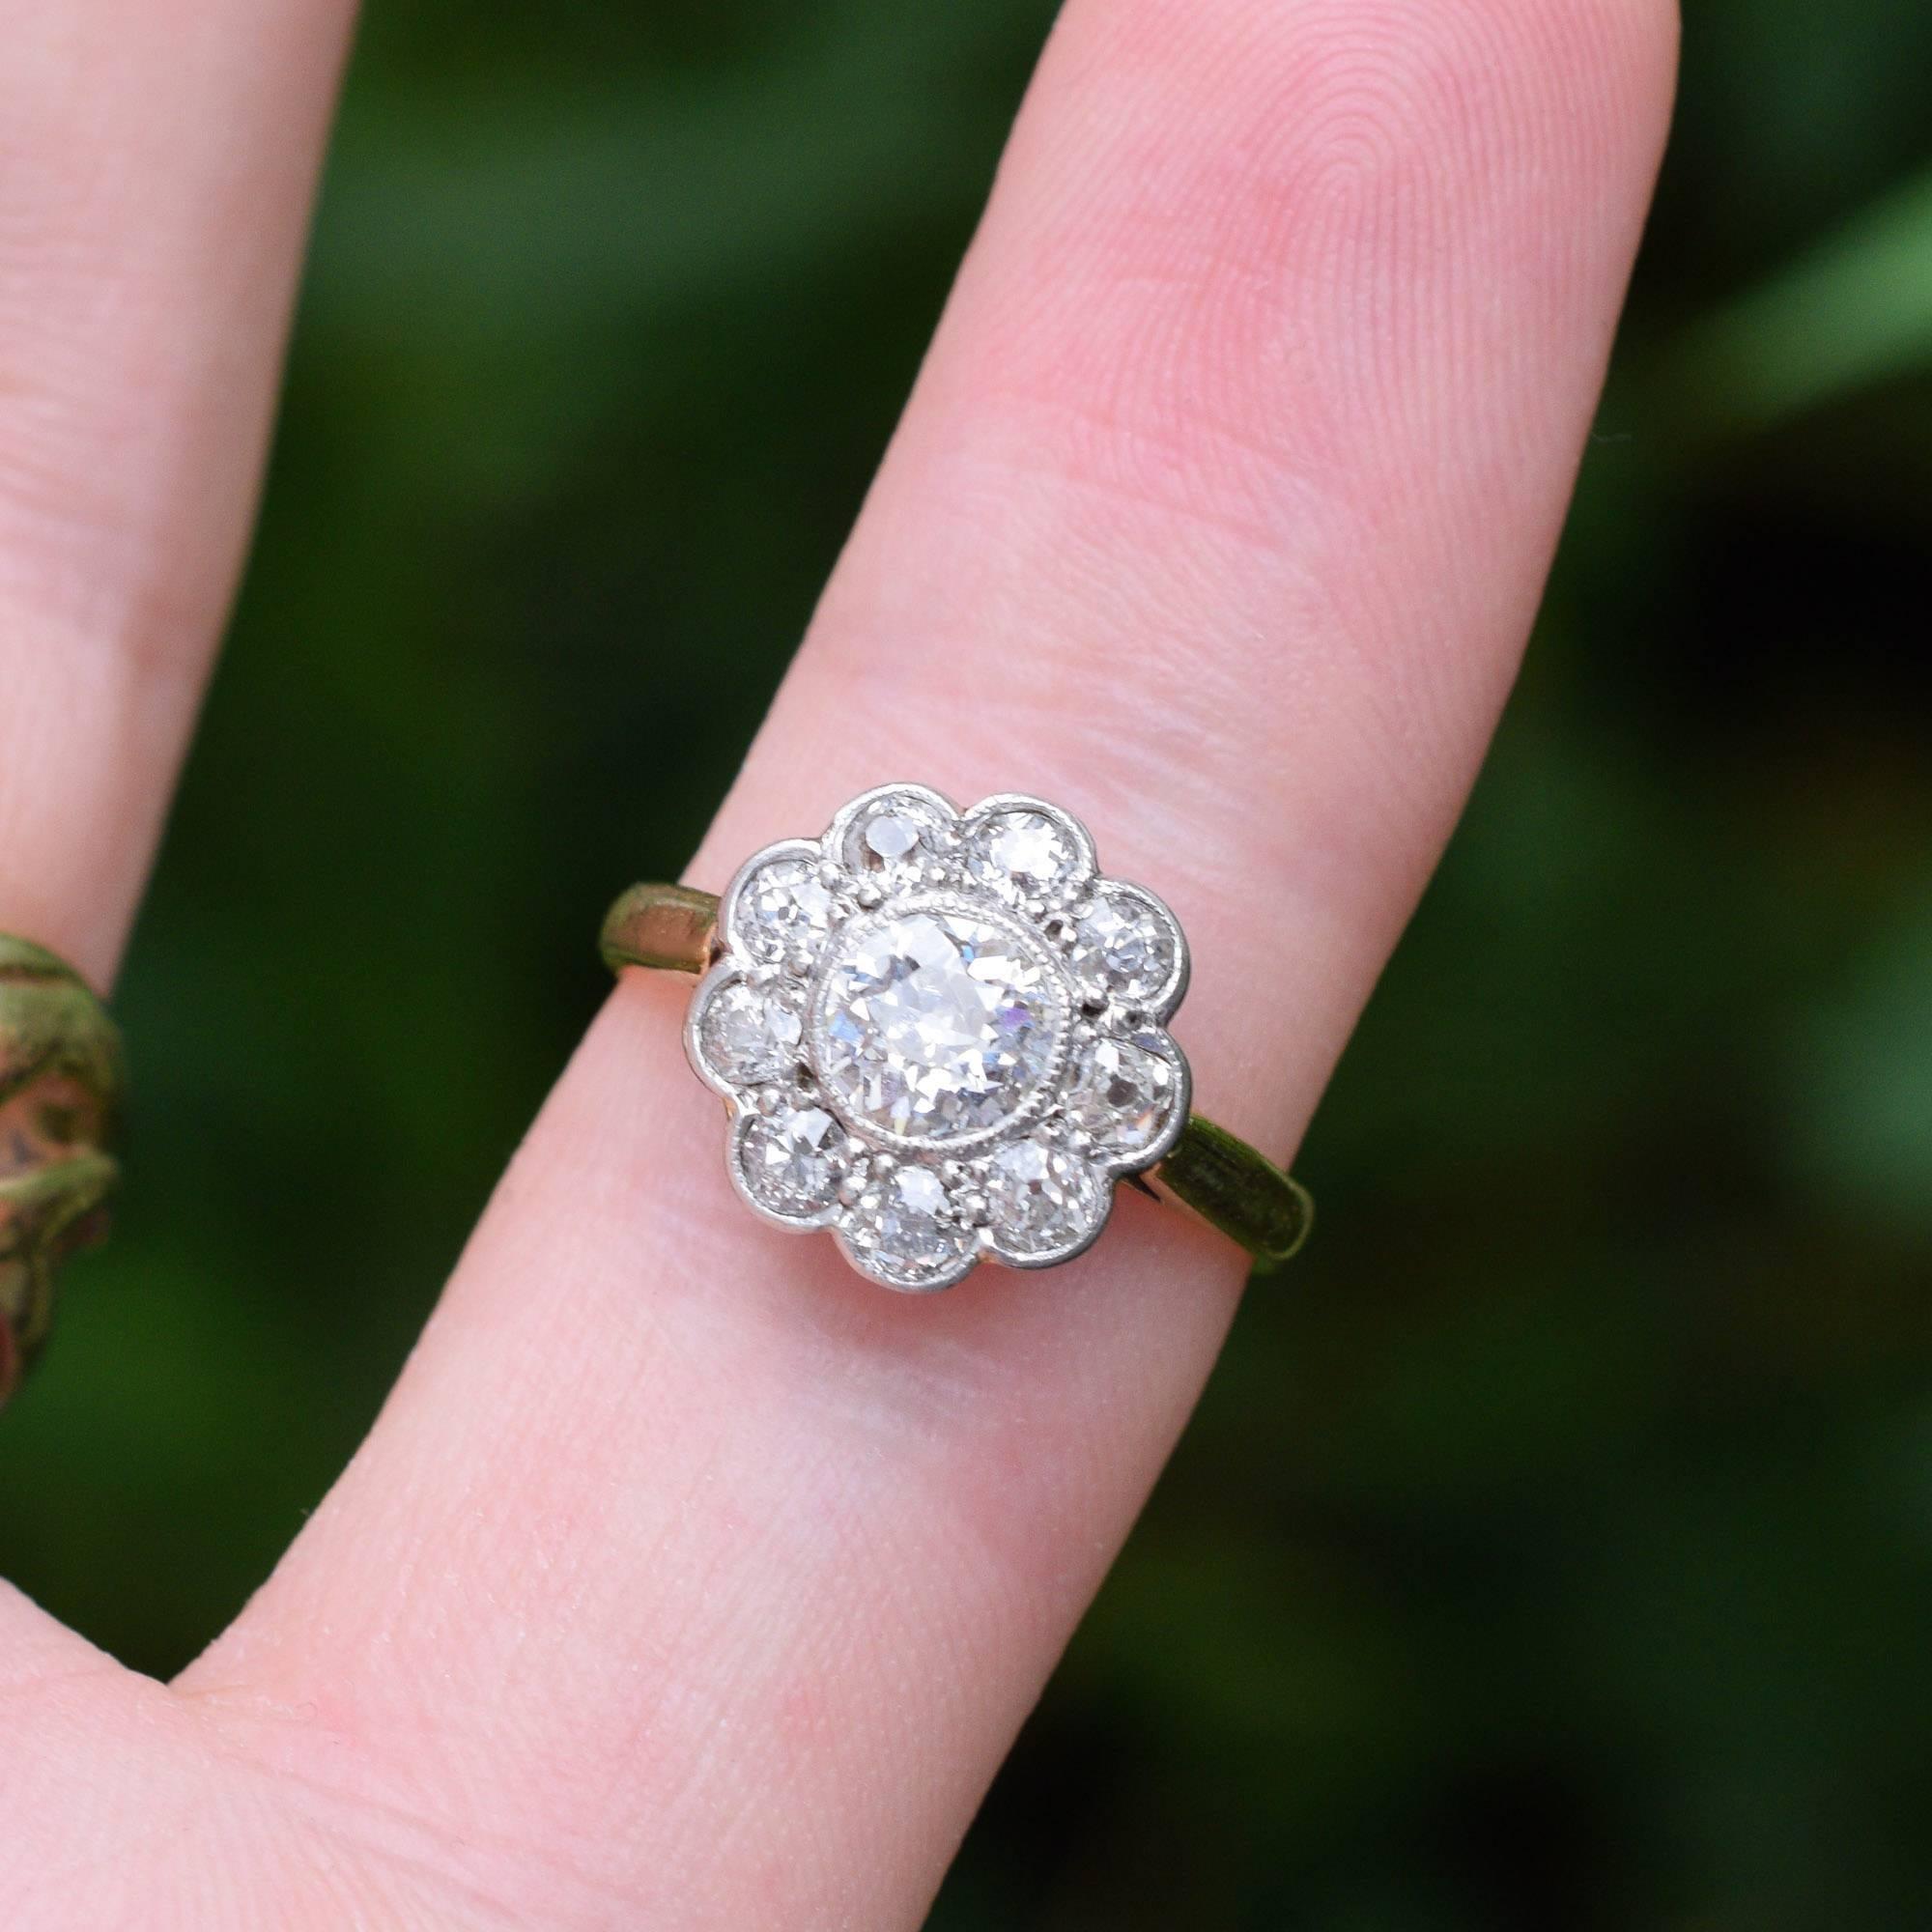 Antique Edwardian 1.75 Carat Diamond Flower Ring at 1stdibs